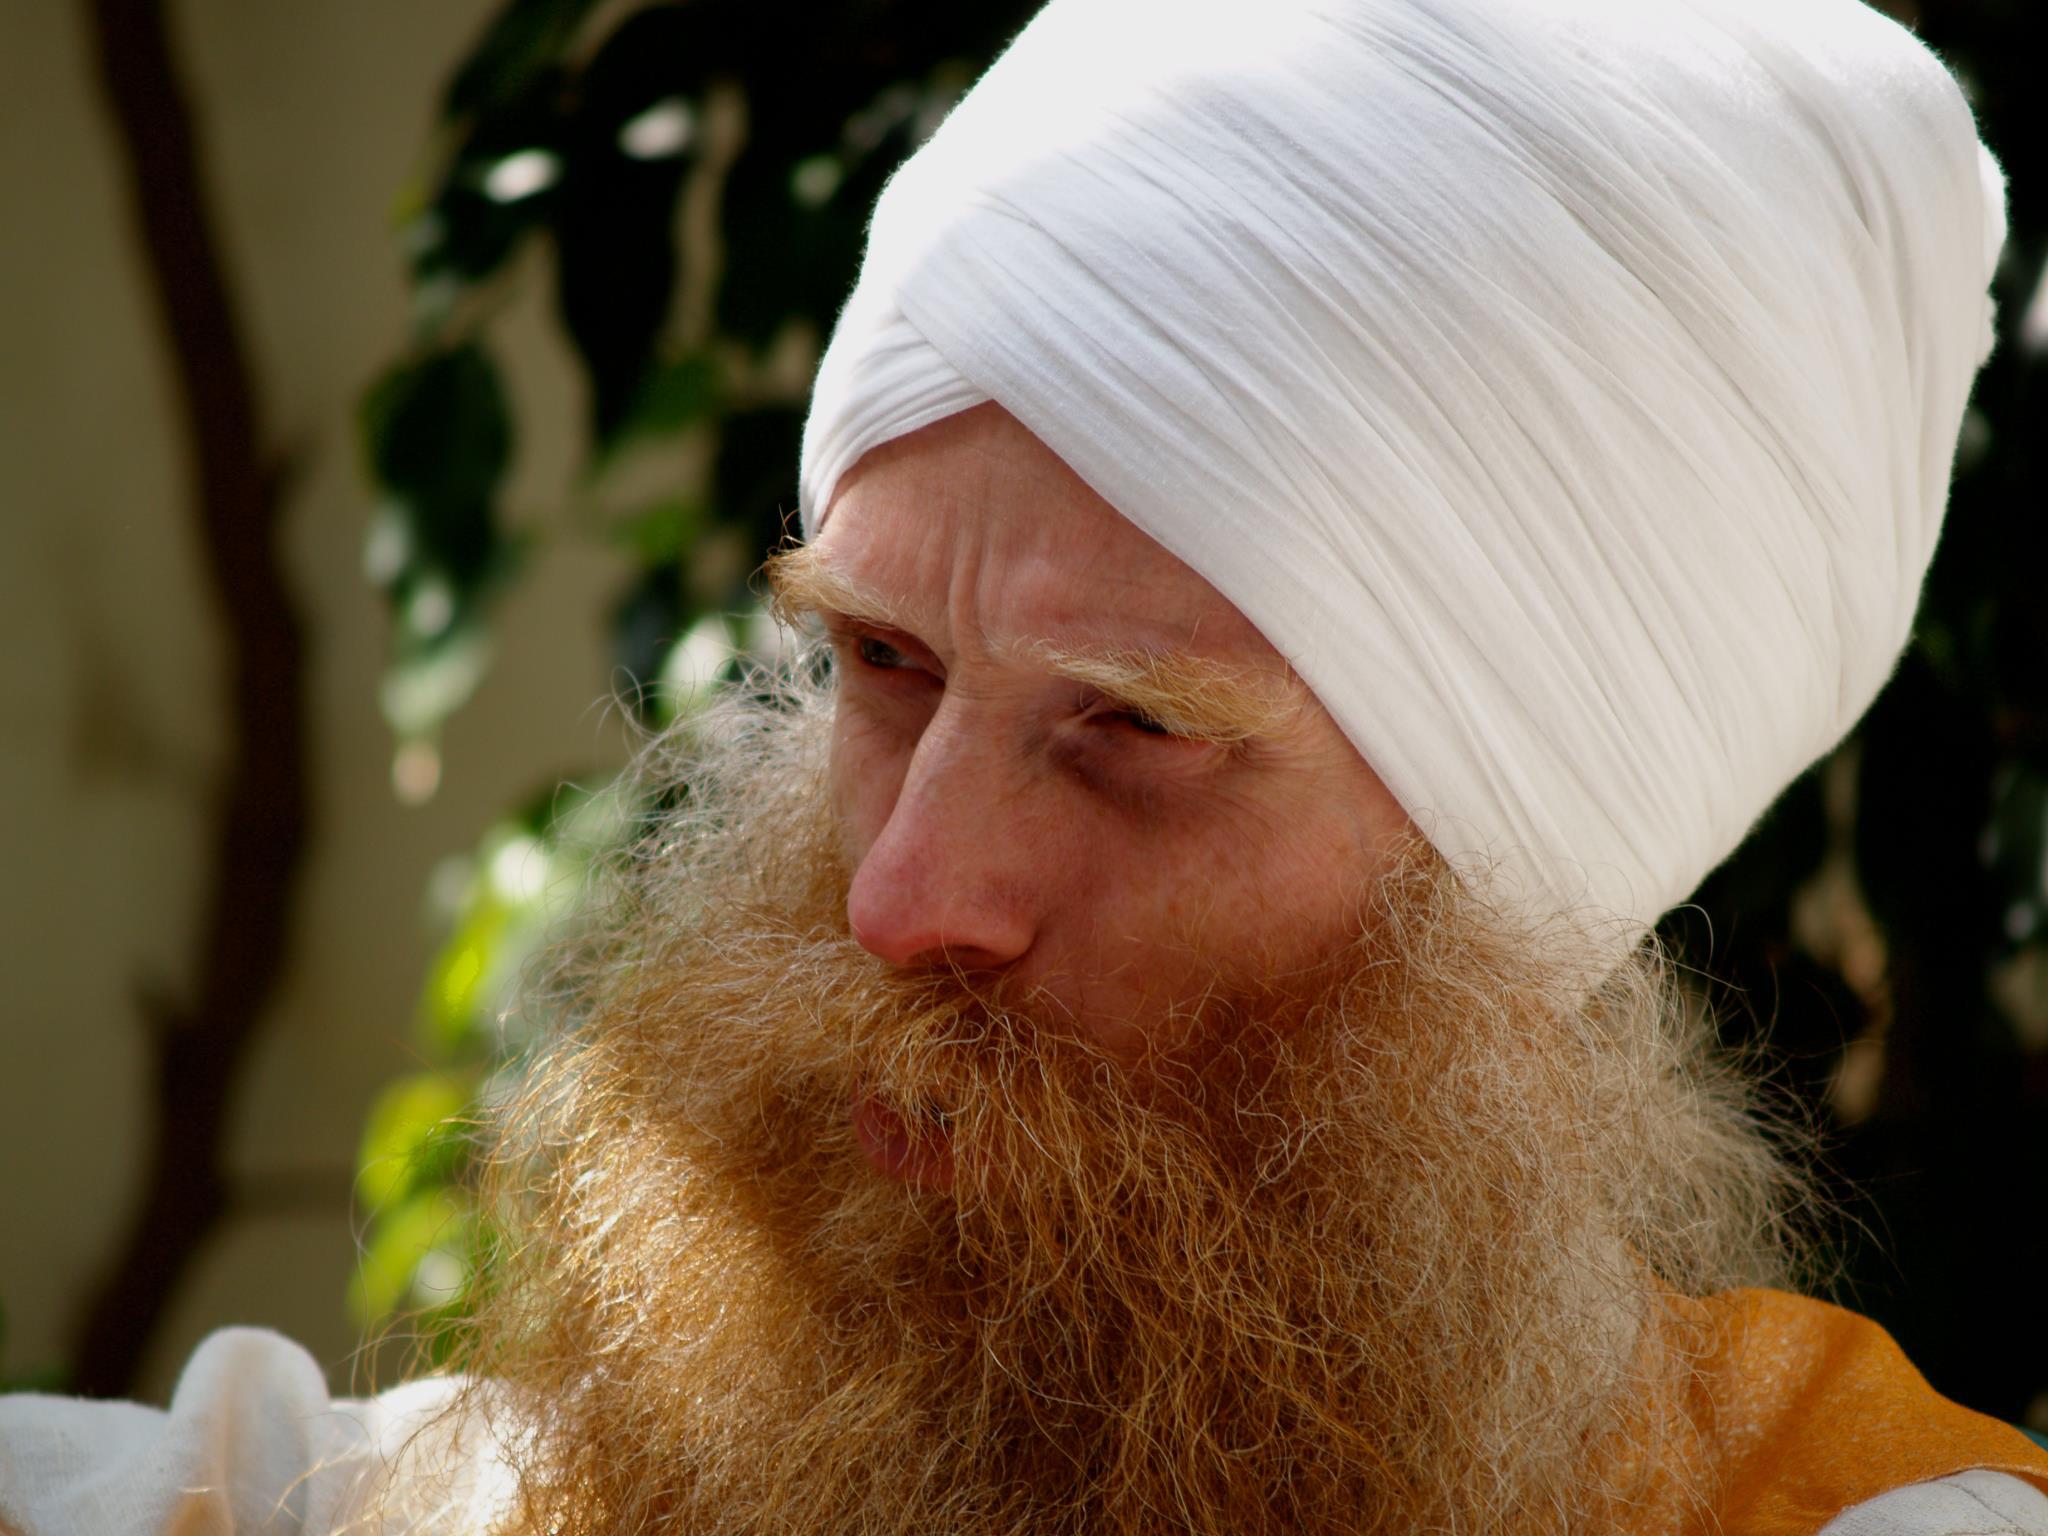 SOOVID SAADA JOOGAÕPETAJAKS? Kundalini jooga meister Shiv Charan Singh koolitab Eestis uusi teejuhte